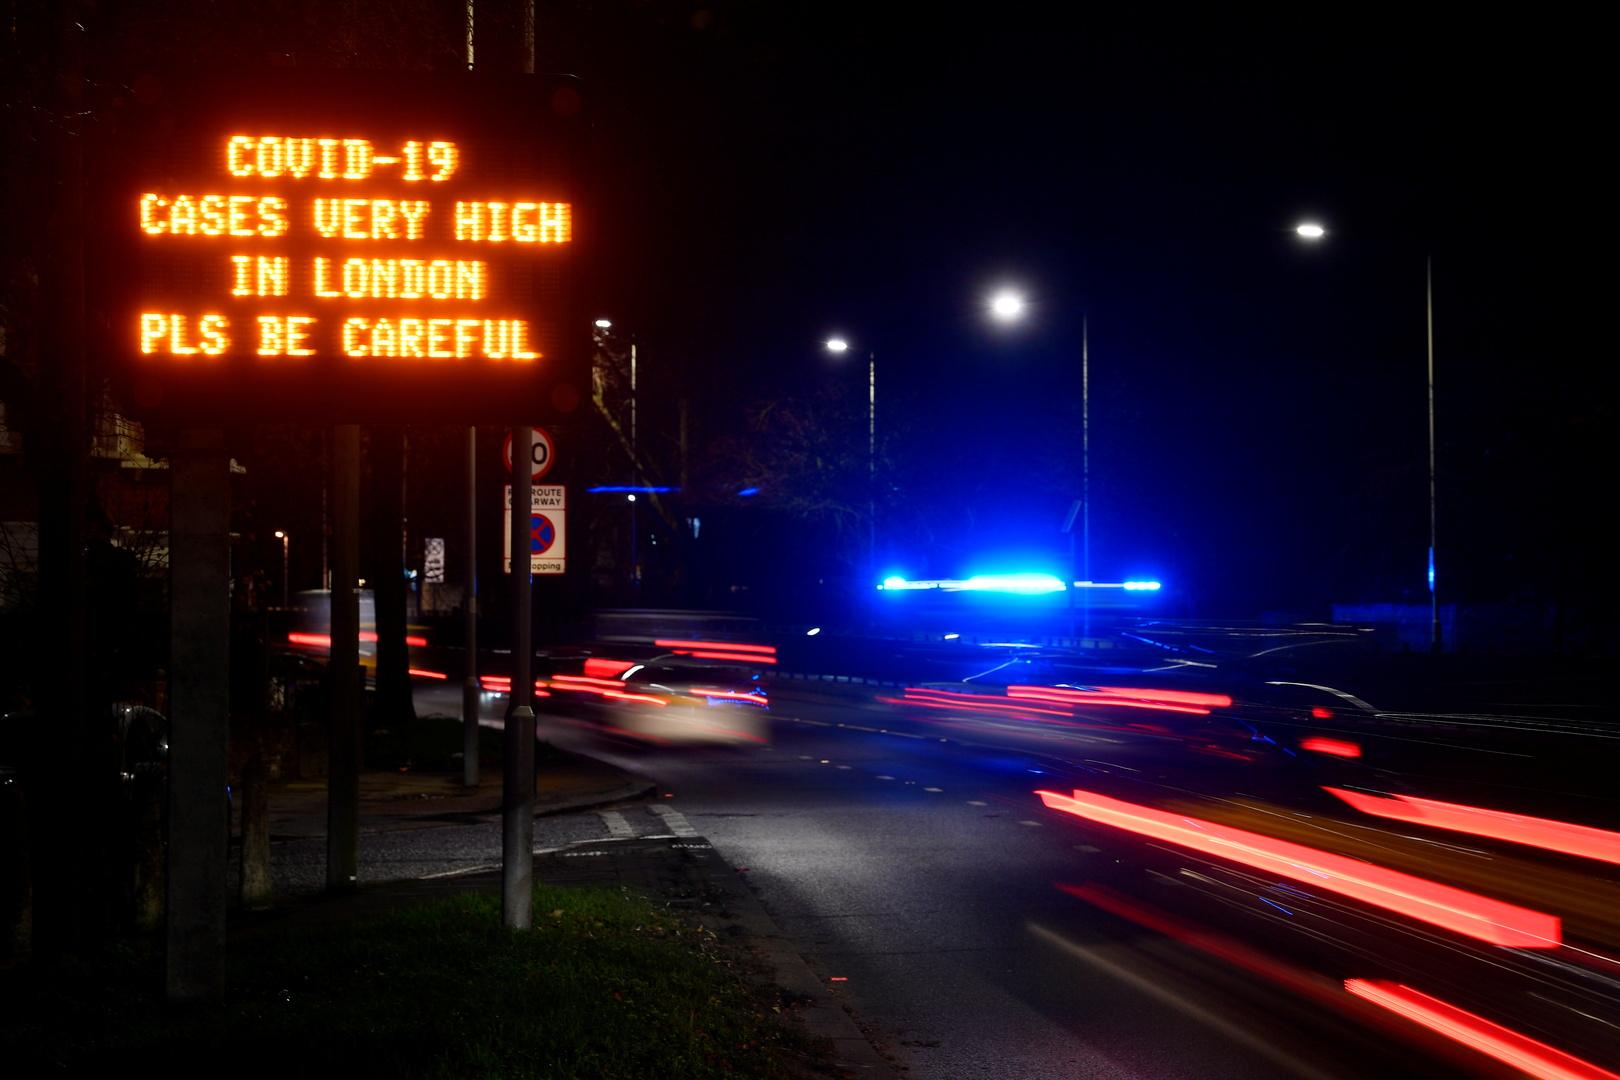 بريطانيا.. إصابات كورونا اليومية تتجاوز الـ60 ألفا